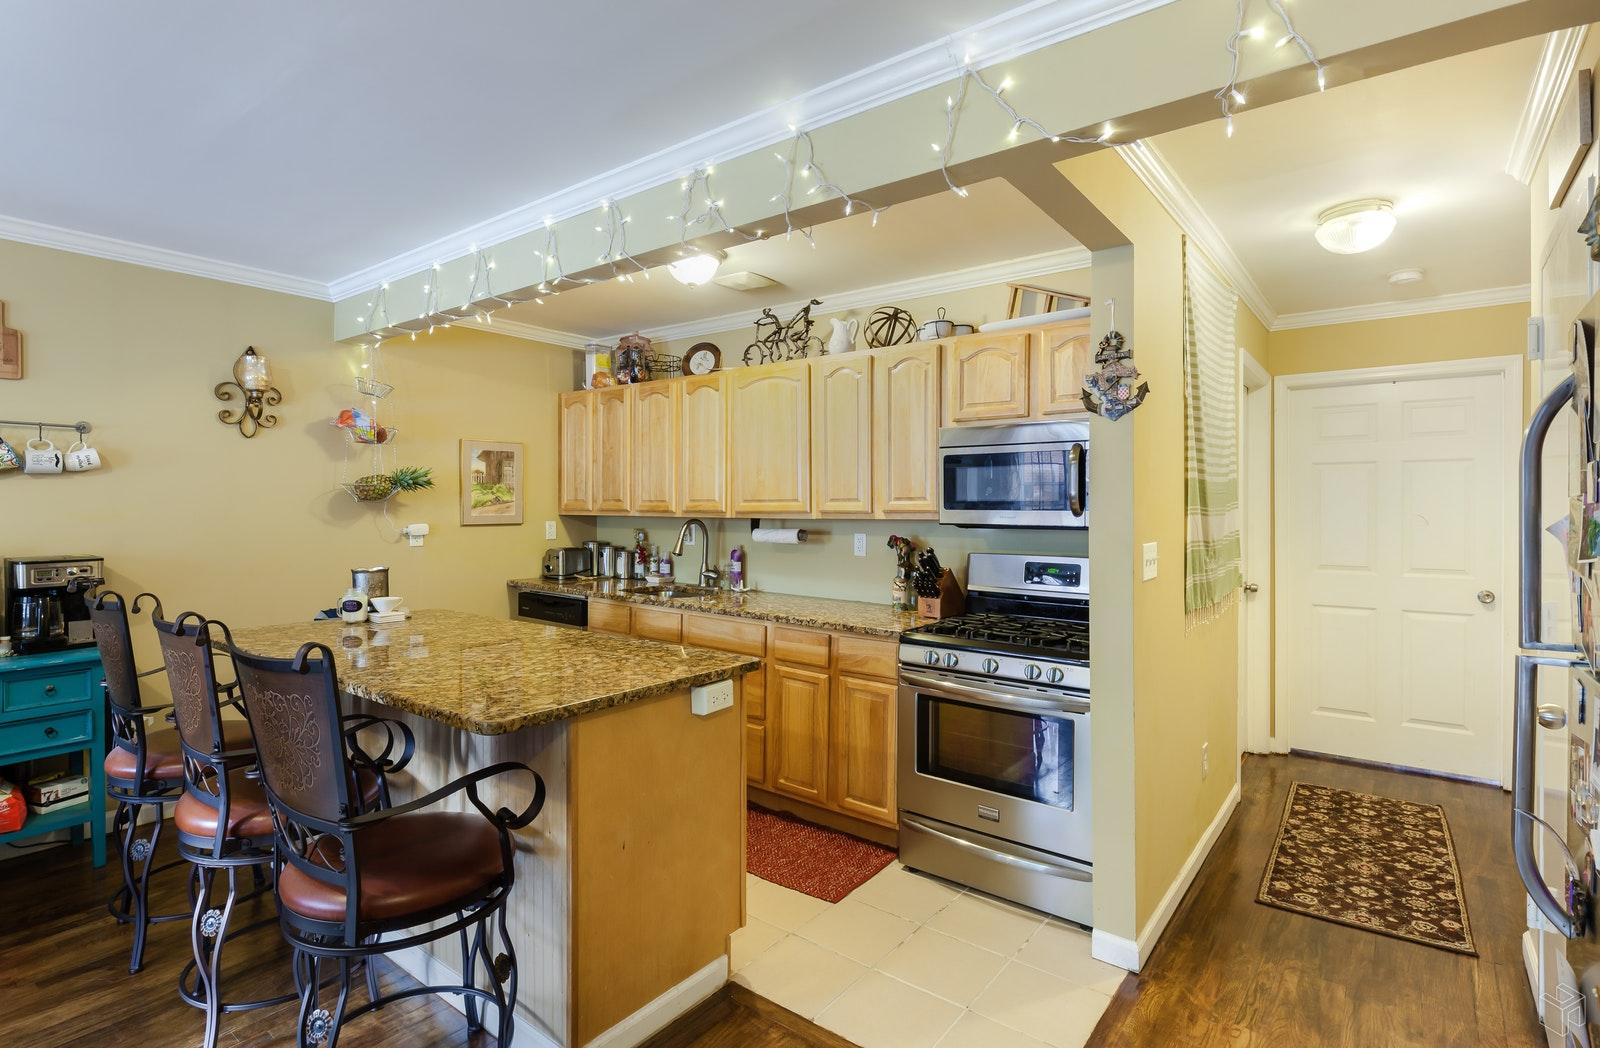 54 LOTT STREET, Flatbush, $1,100,000, Web #: 18701468